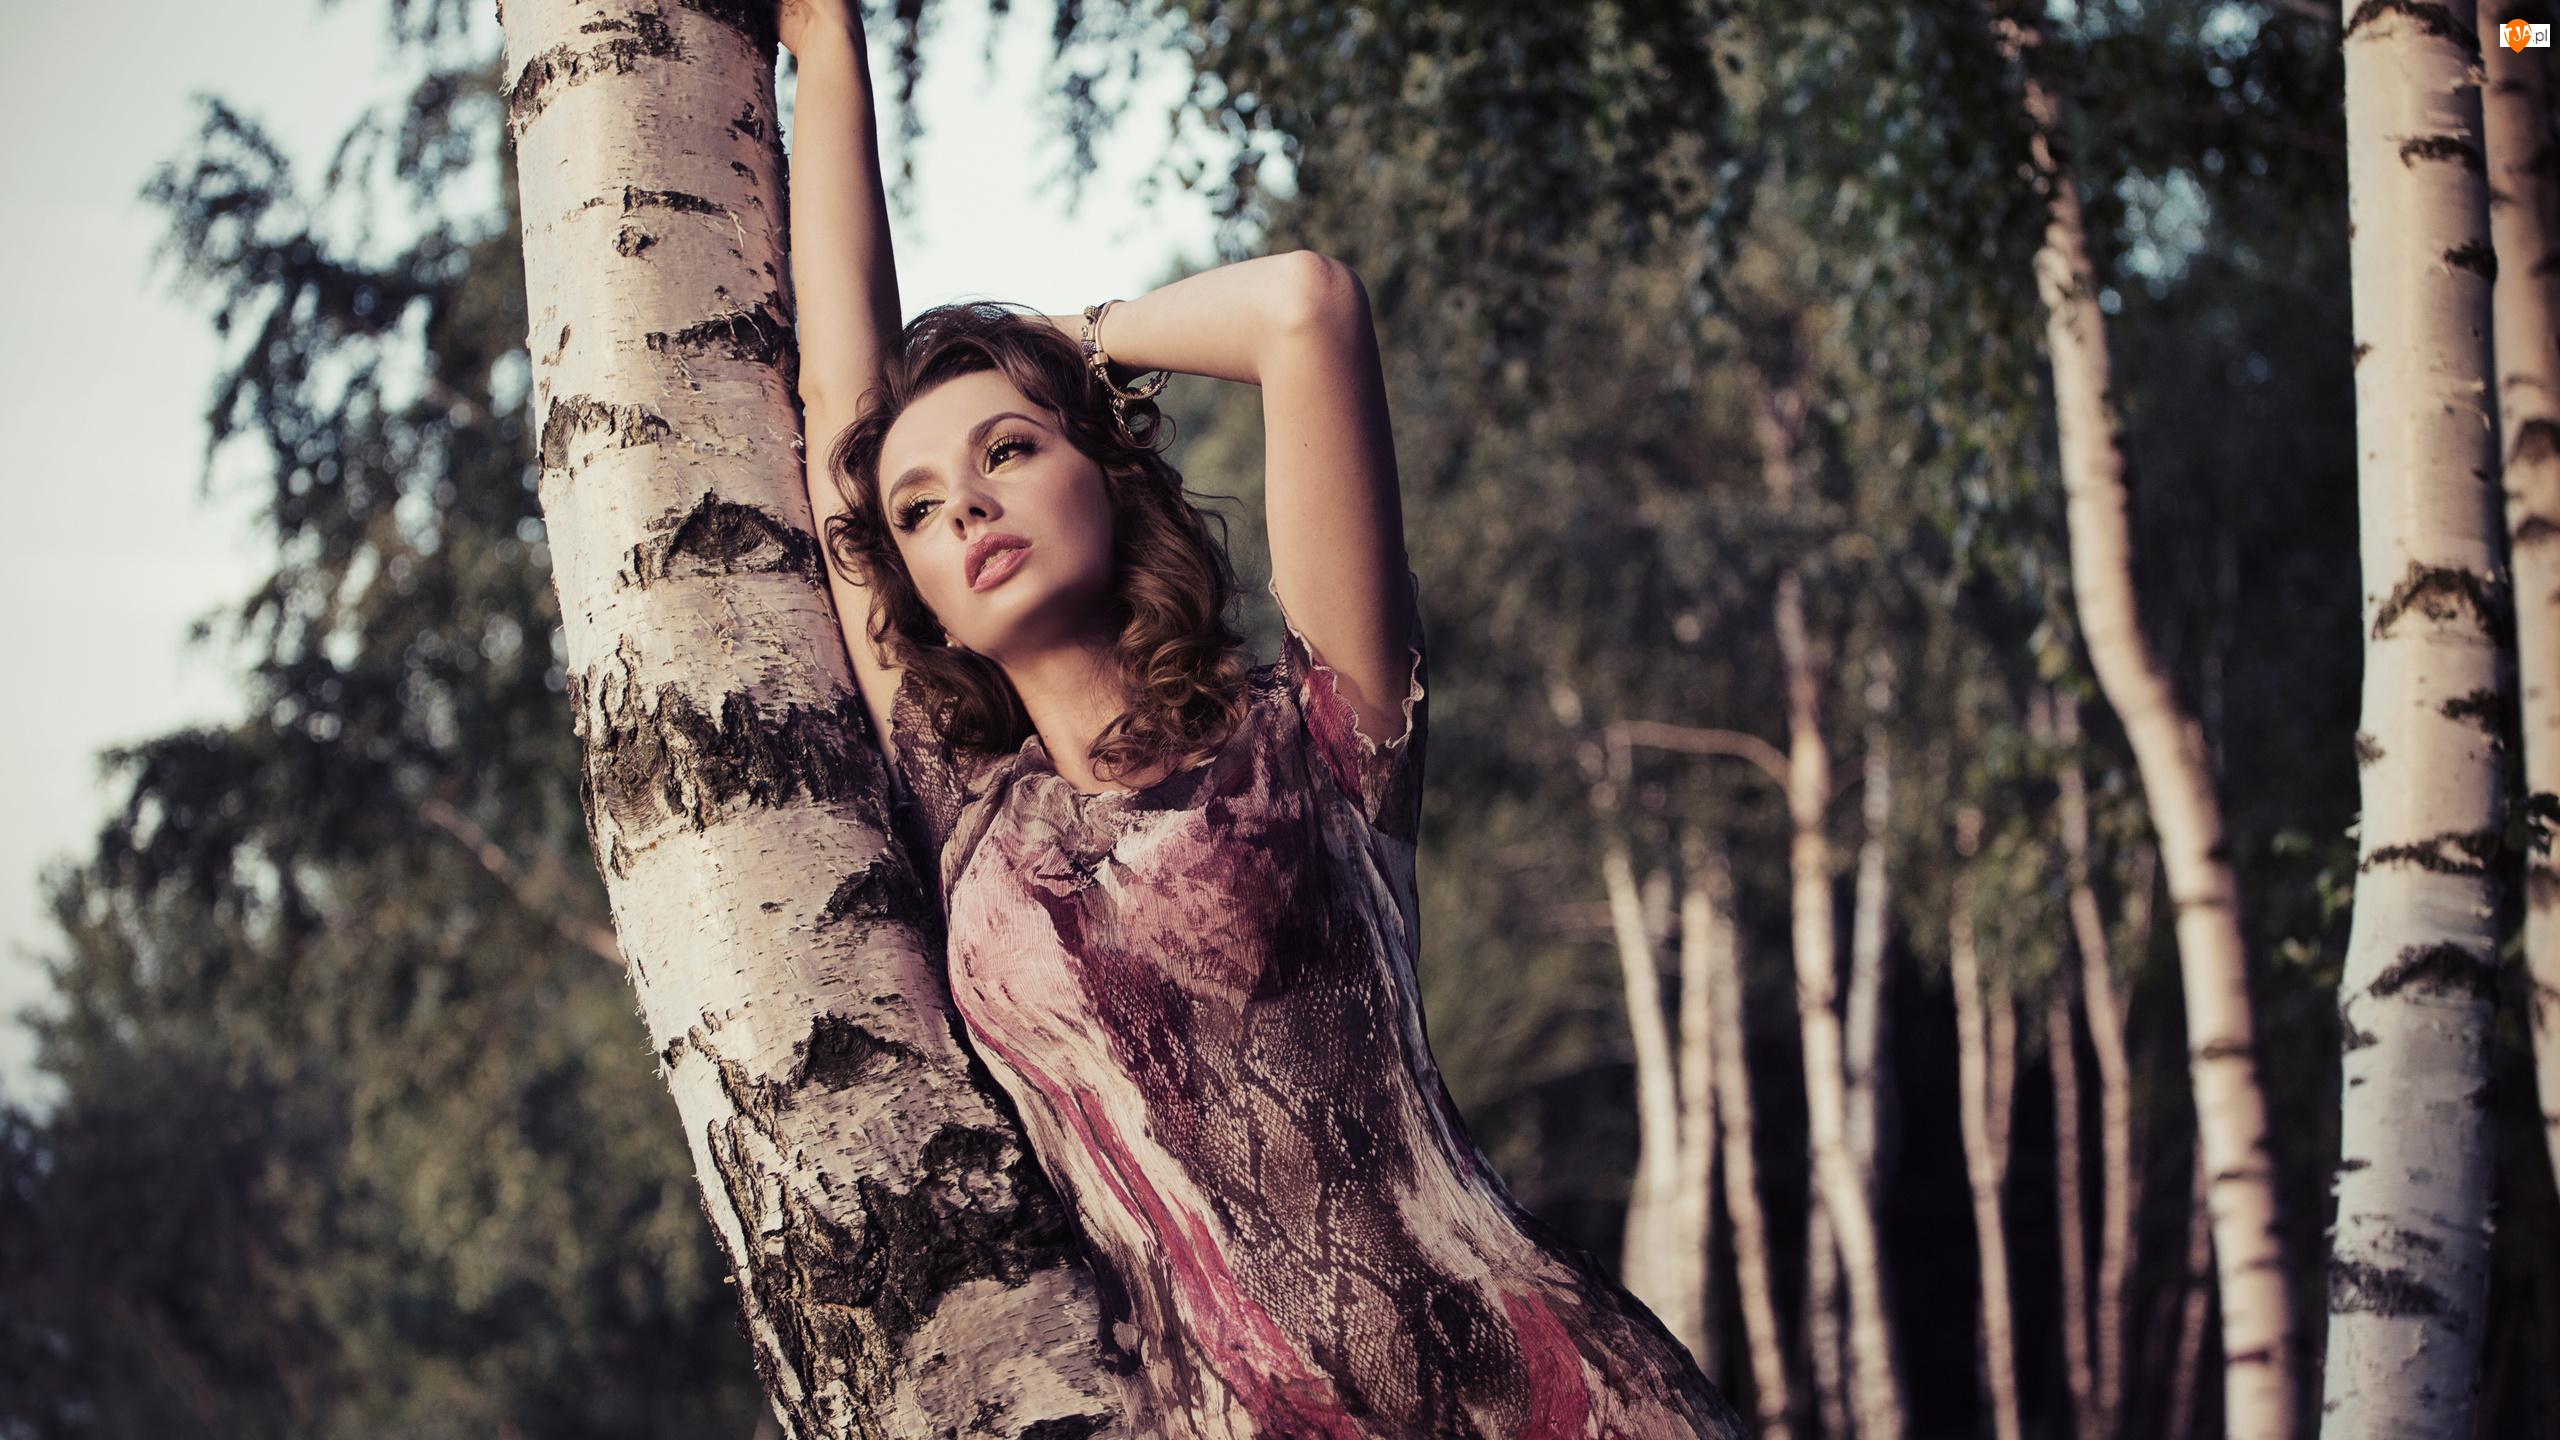 Kobieta, Brzozy, Szatynka, Drzewa